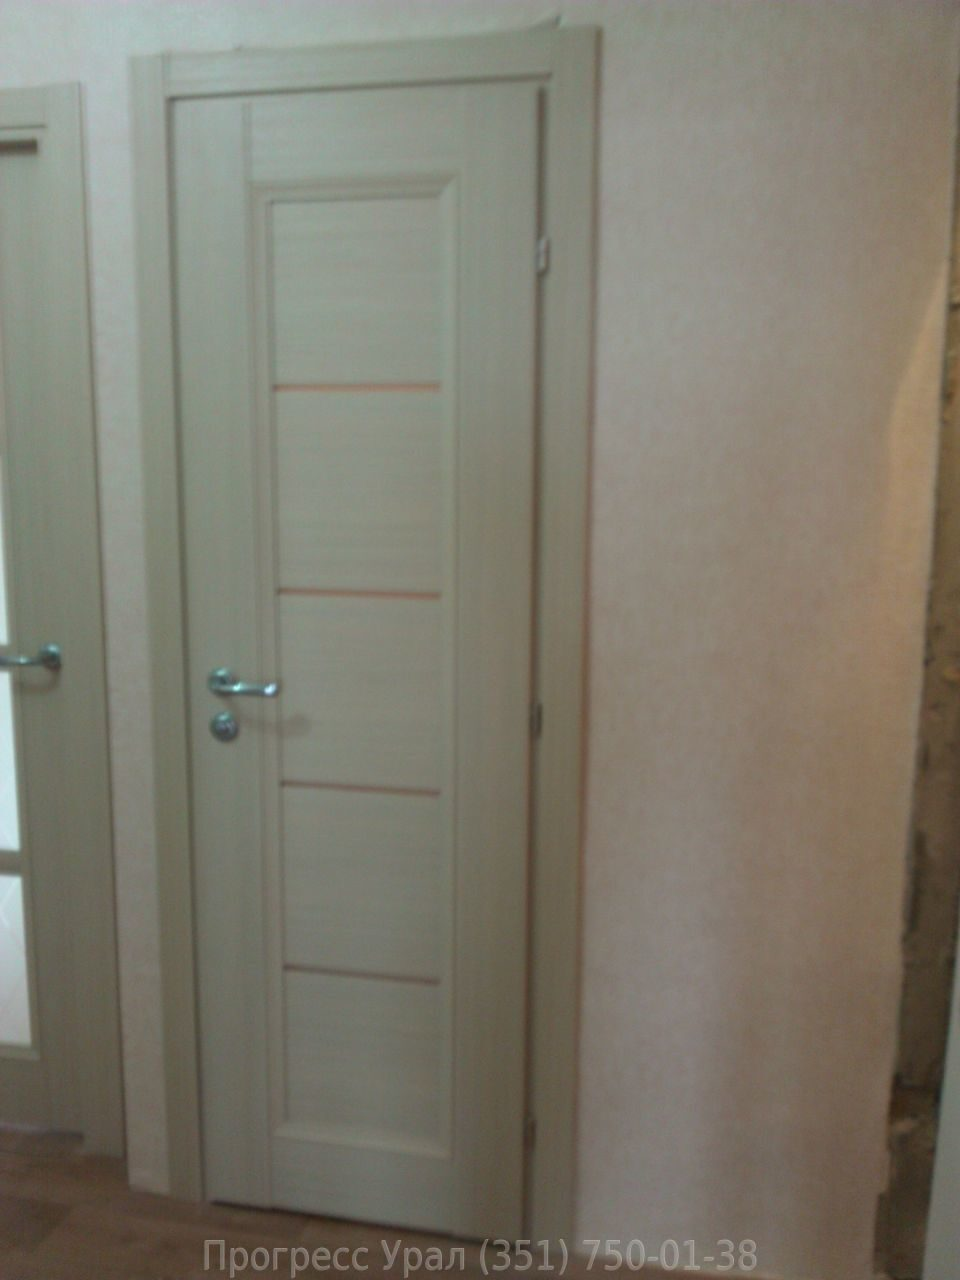 Межкомнатные деревянные двери из массива дуба